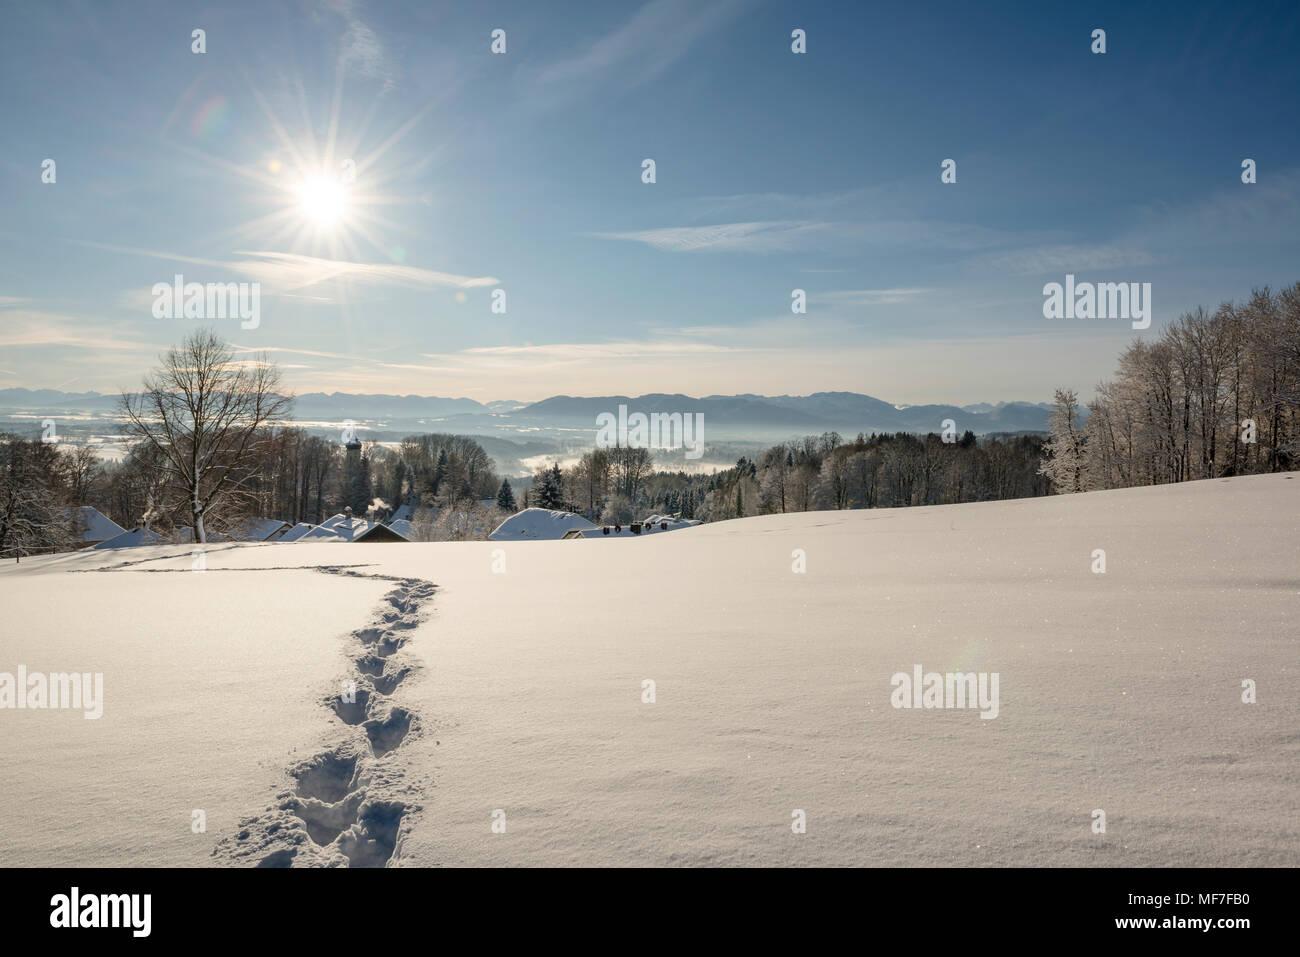 Winterlandschaft, Spuren im Schnee, Blick vom Schlossberg Eurasburg auf Loisachtal, Eurasburg, Oberbayern, Bayern, Deutschland Stock Photo